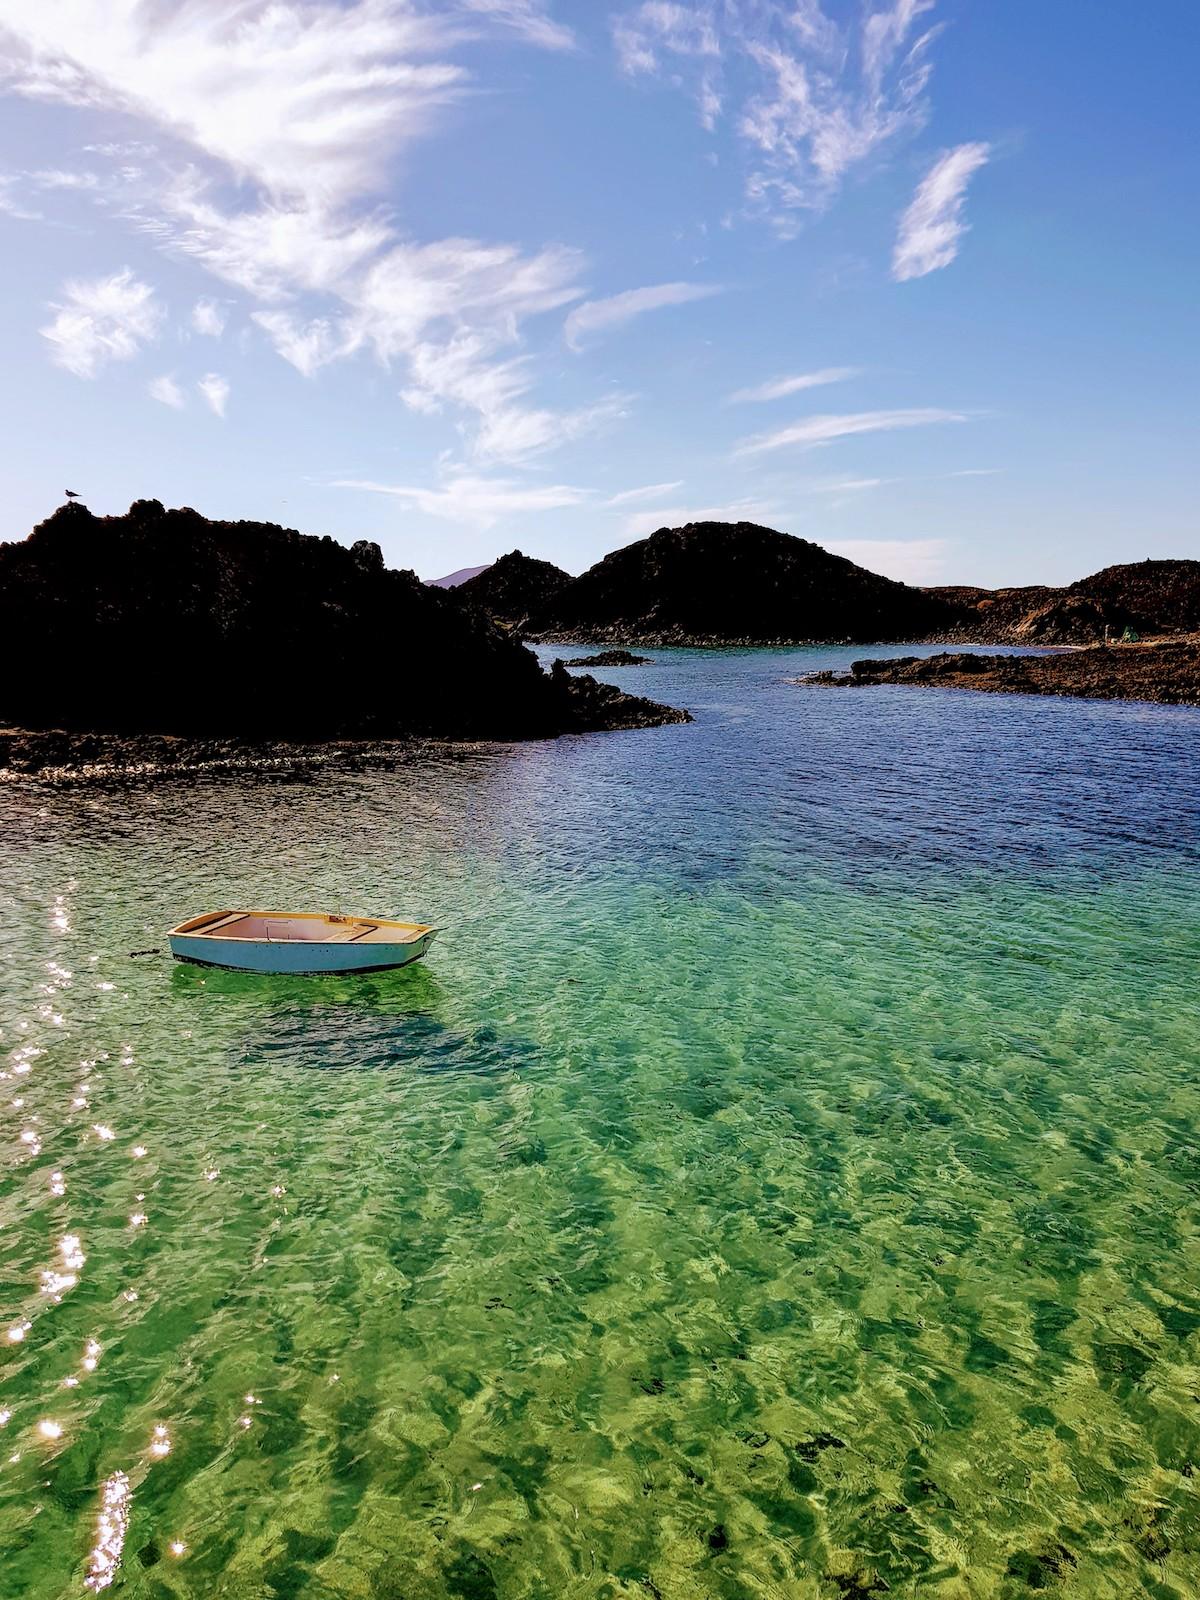 Lagune bei El Puertito - kristallklares, türkises Wasser wie in der Südsee!